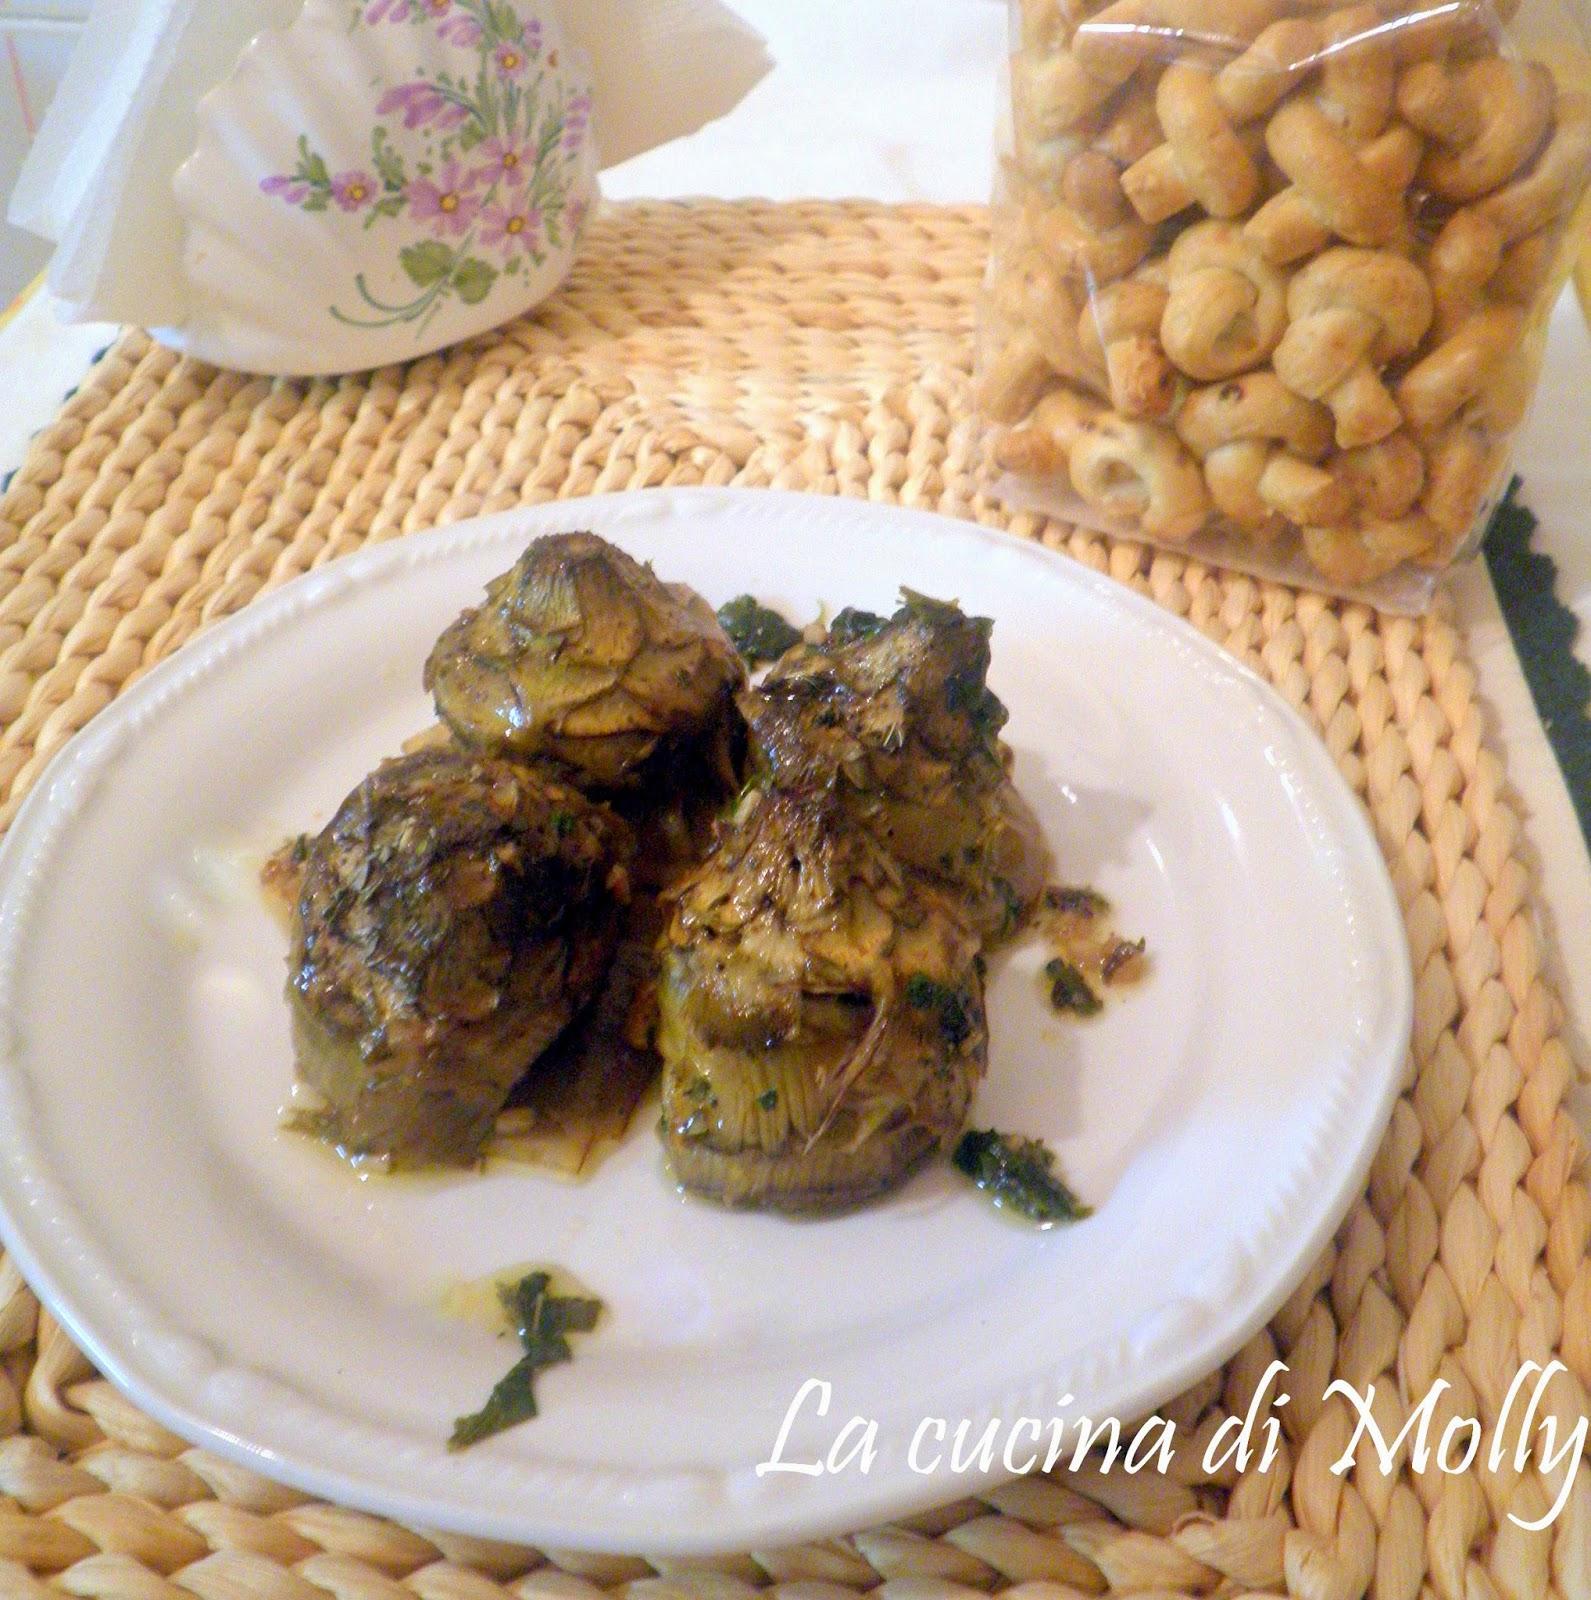 La cucina di molly carciofi alla romana for La cucina romana